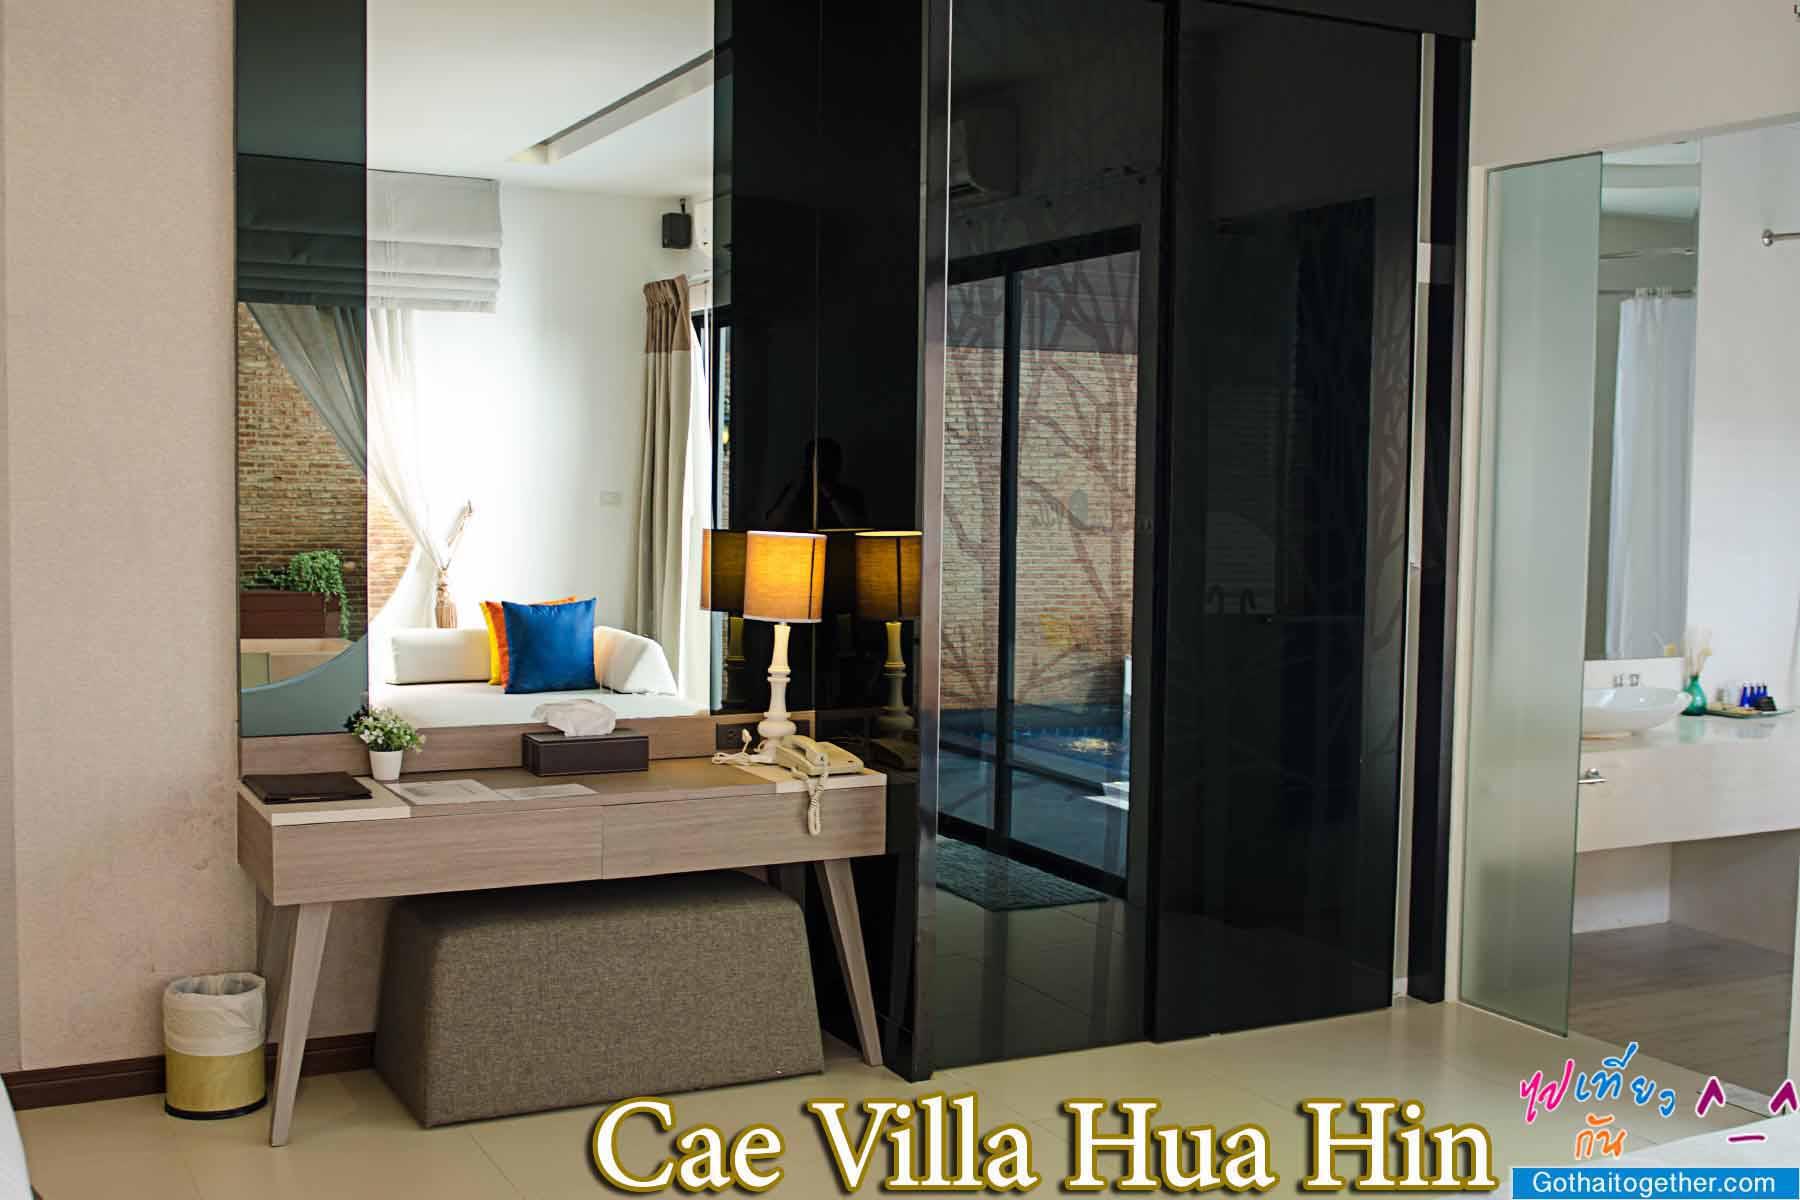 Cae Villa Hua Hin 48